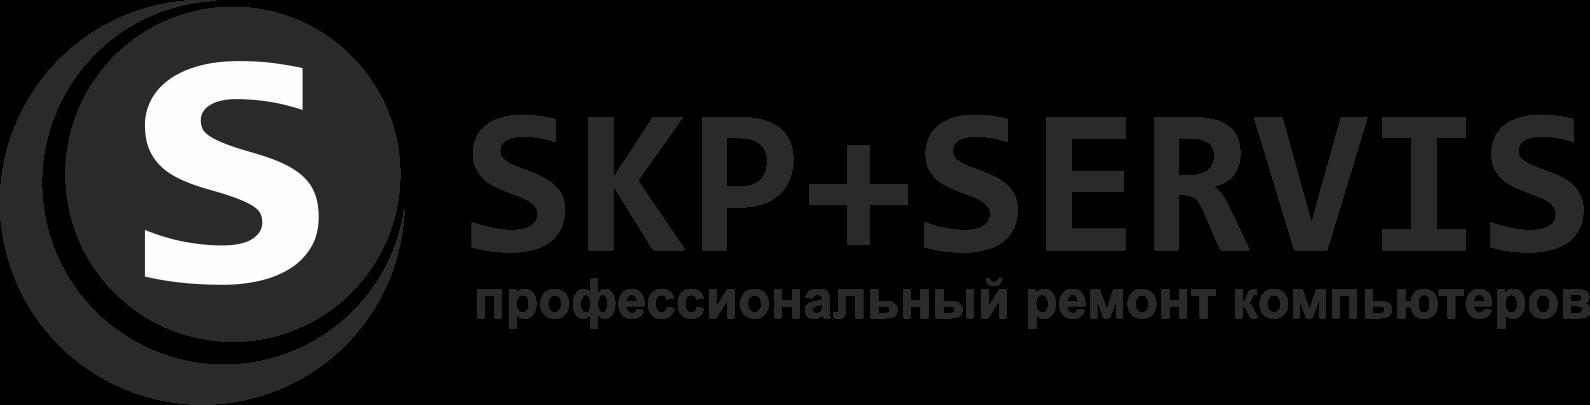 СКП+сервис компьютерная помощь в Томске